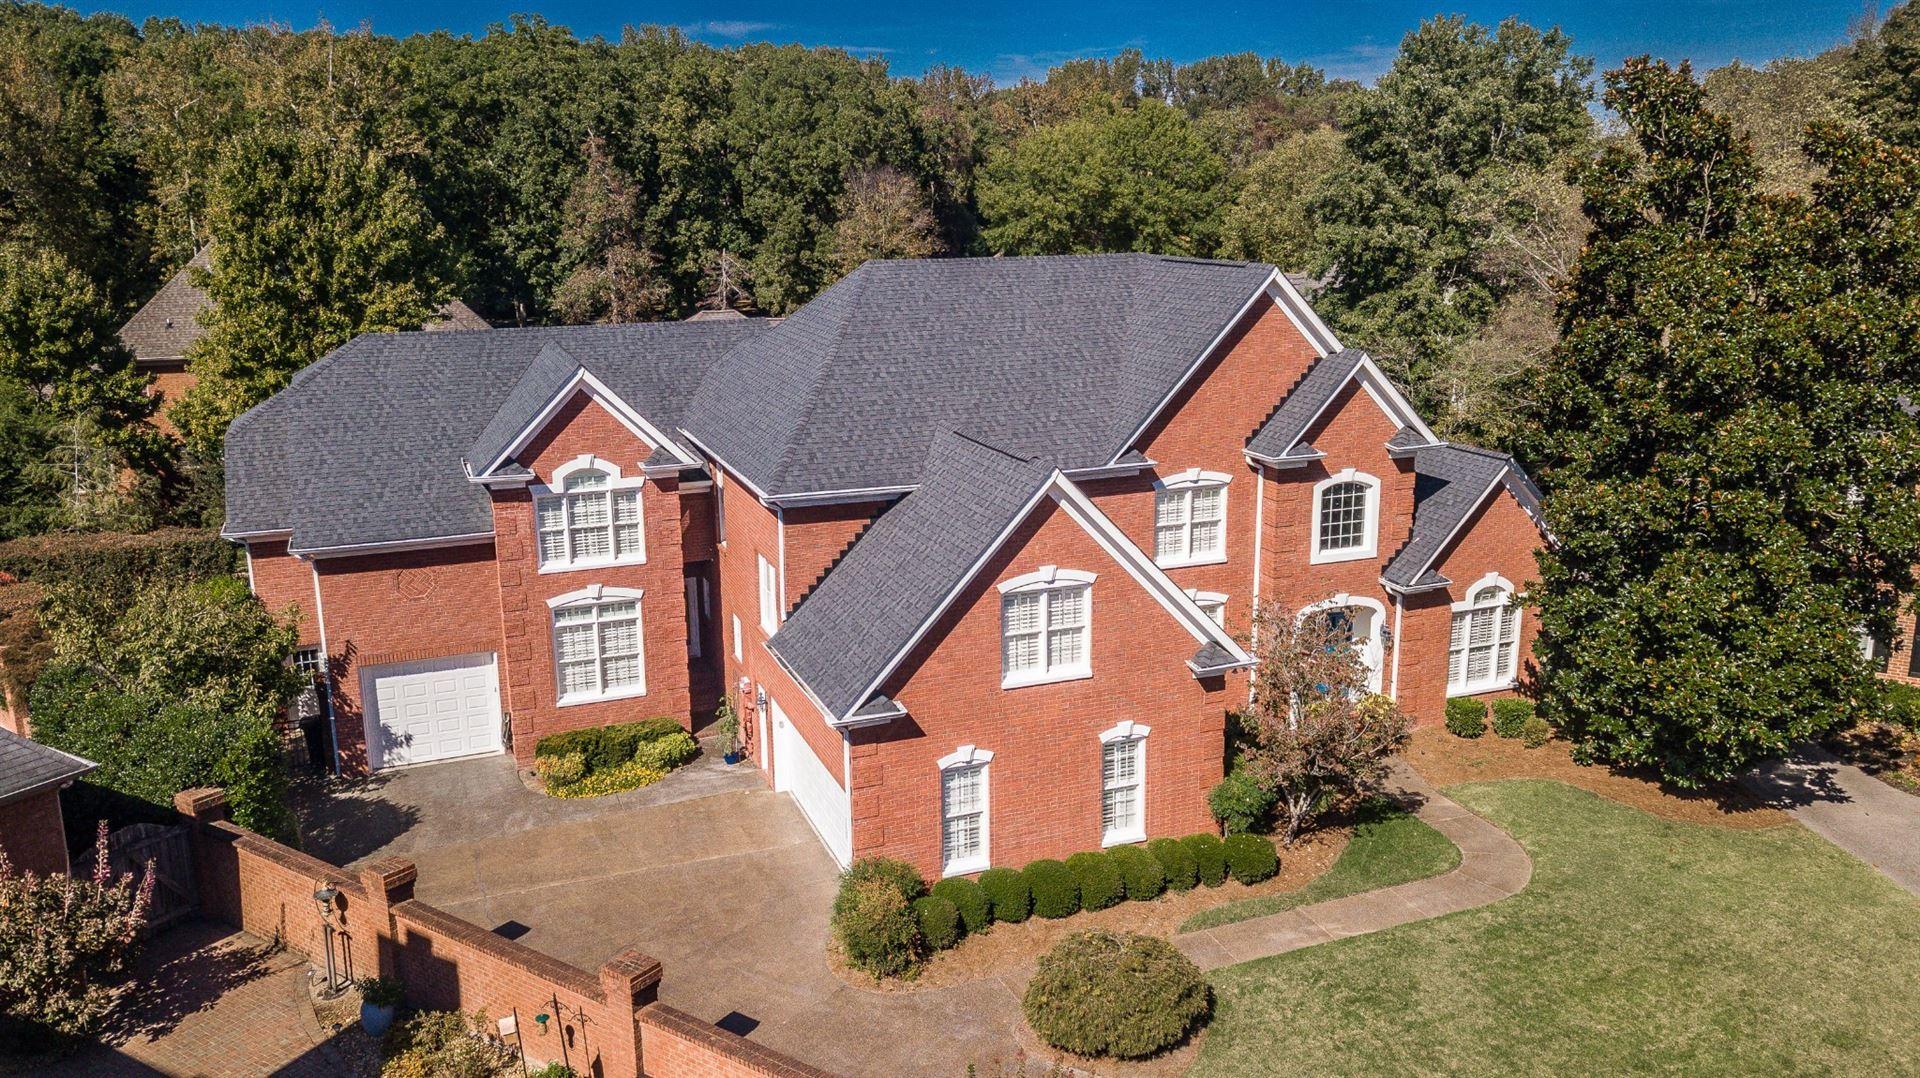 98 Hidden Way Ct, Hendersonville, TN 37075 - MLS#: 2163772